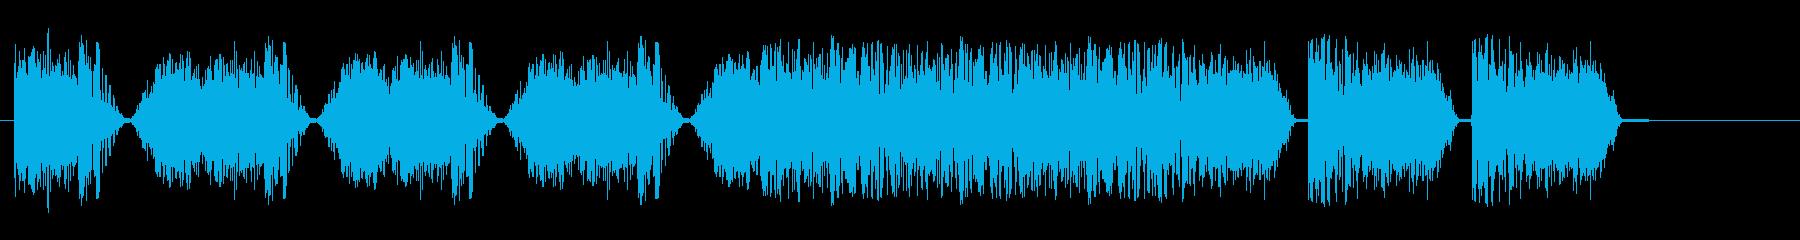 スタッタードシグナル干渉スイープ4の再生済みの波形